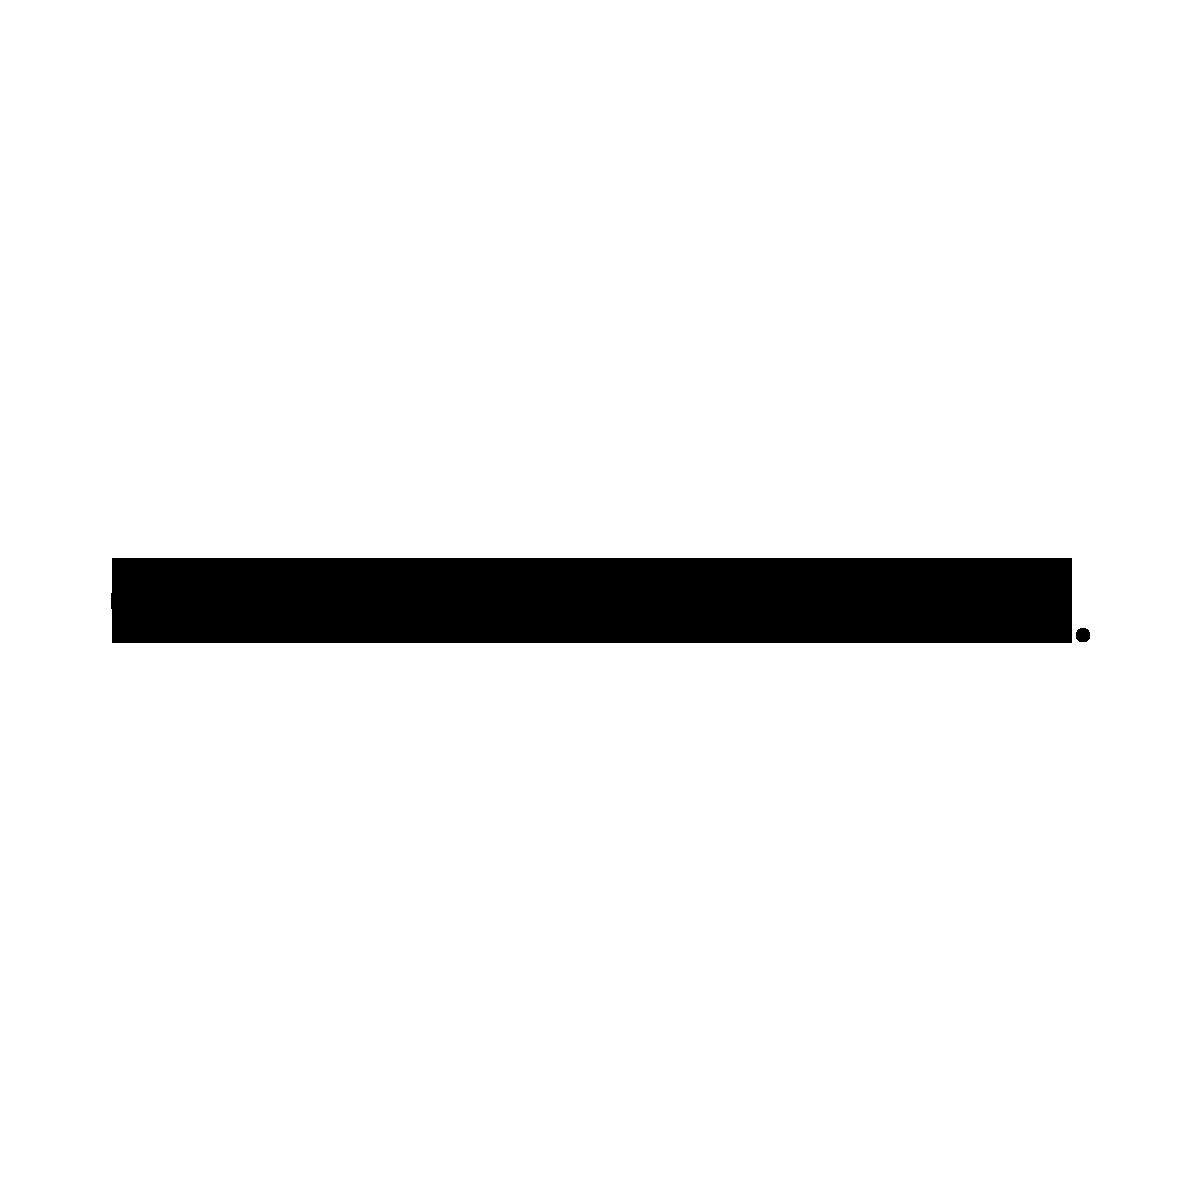 Sandale-mit-Korkfußbett-leder-dunkelbraun